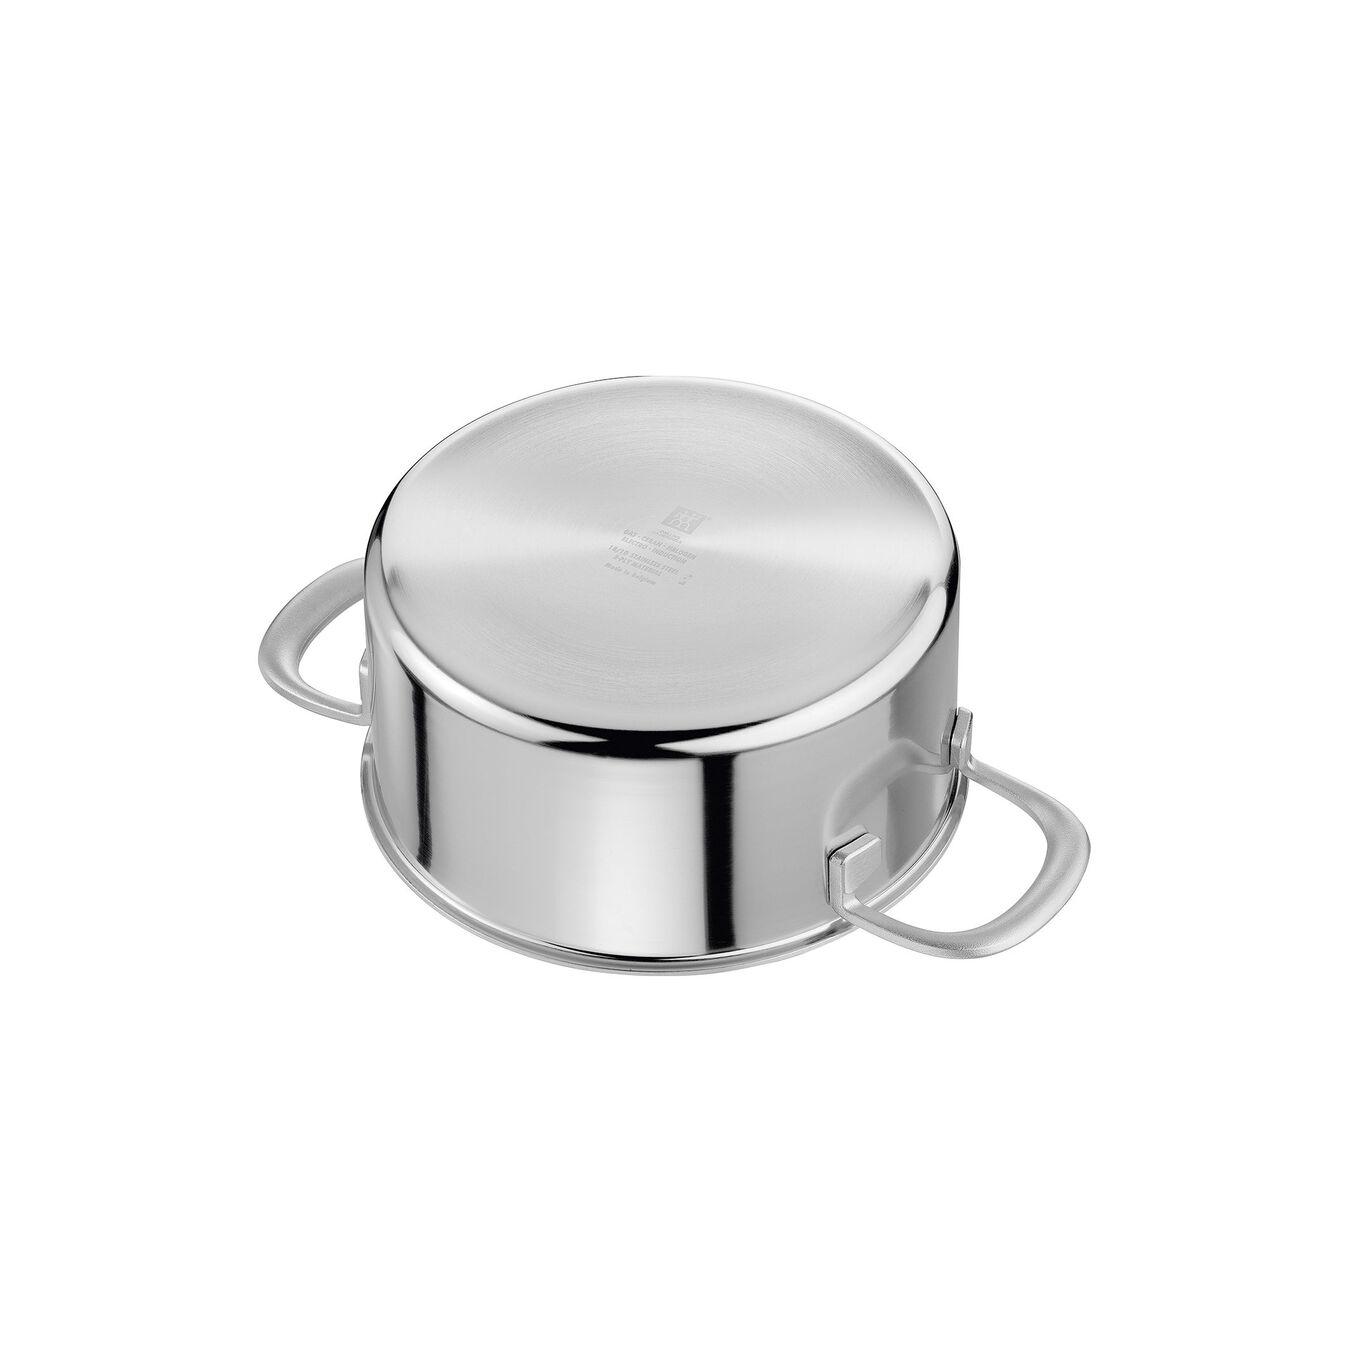 Casseruola - 16 cm, 18/10 acciaio inossidabile,,large 5